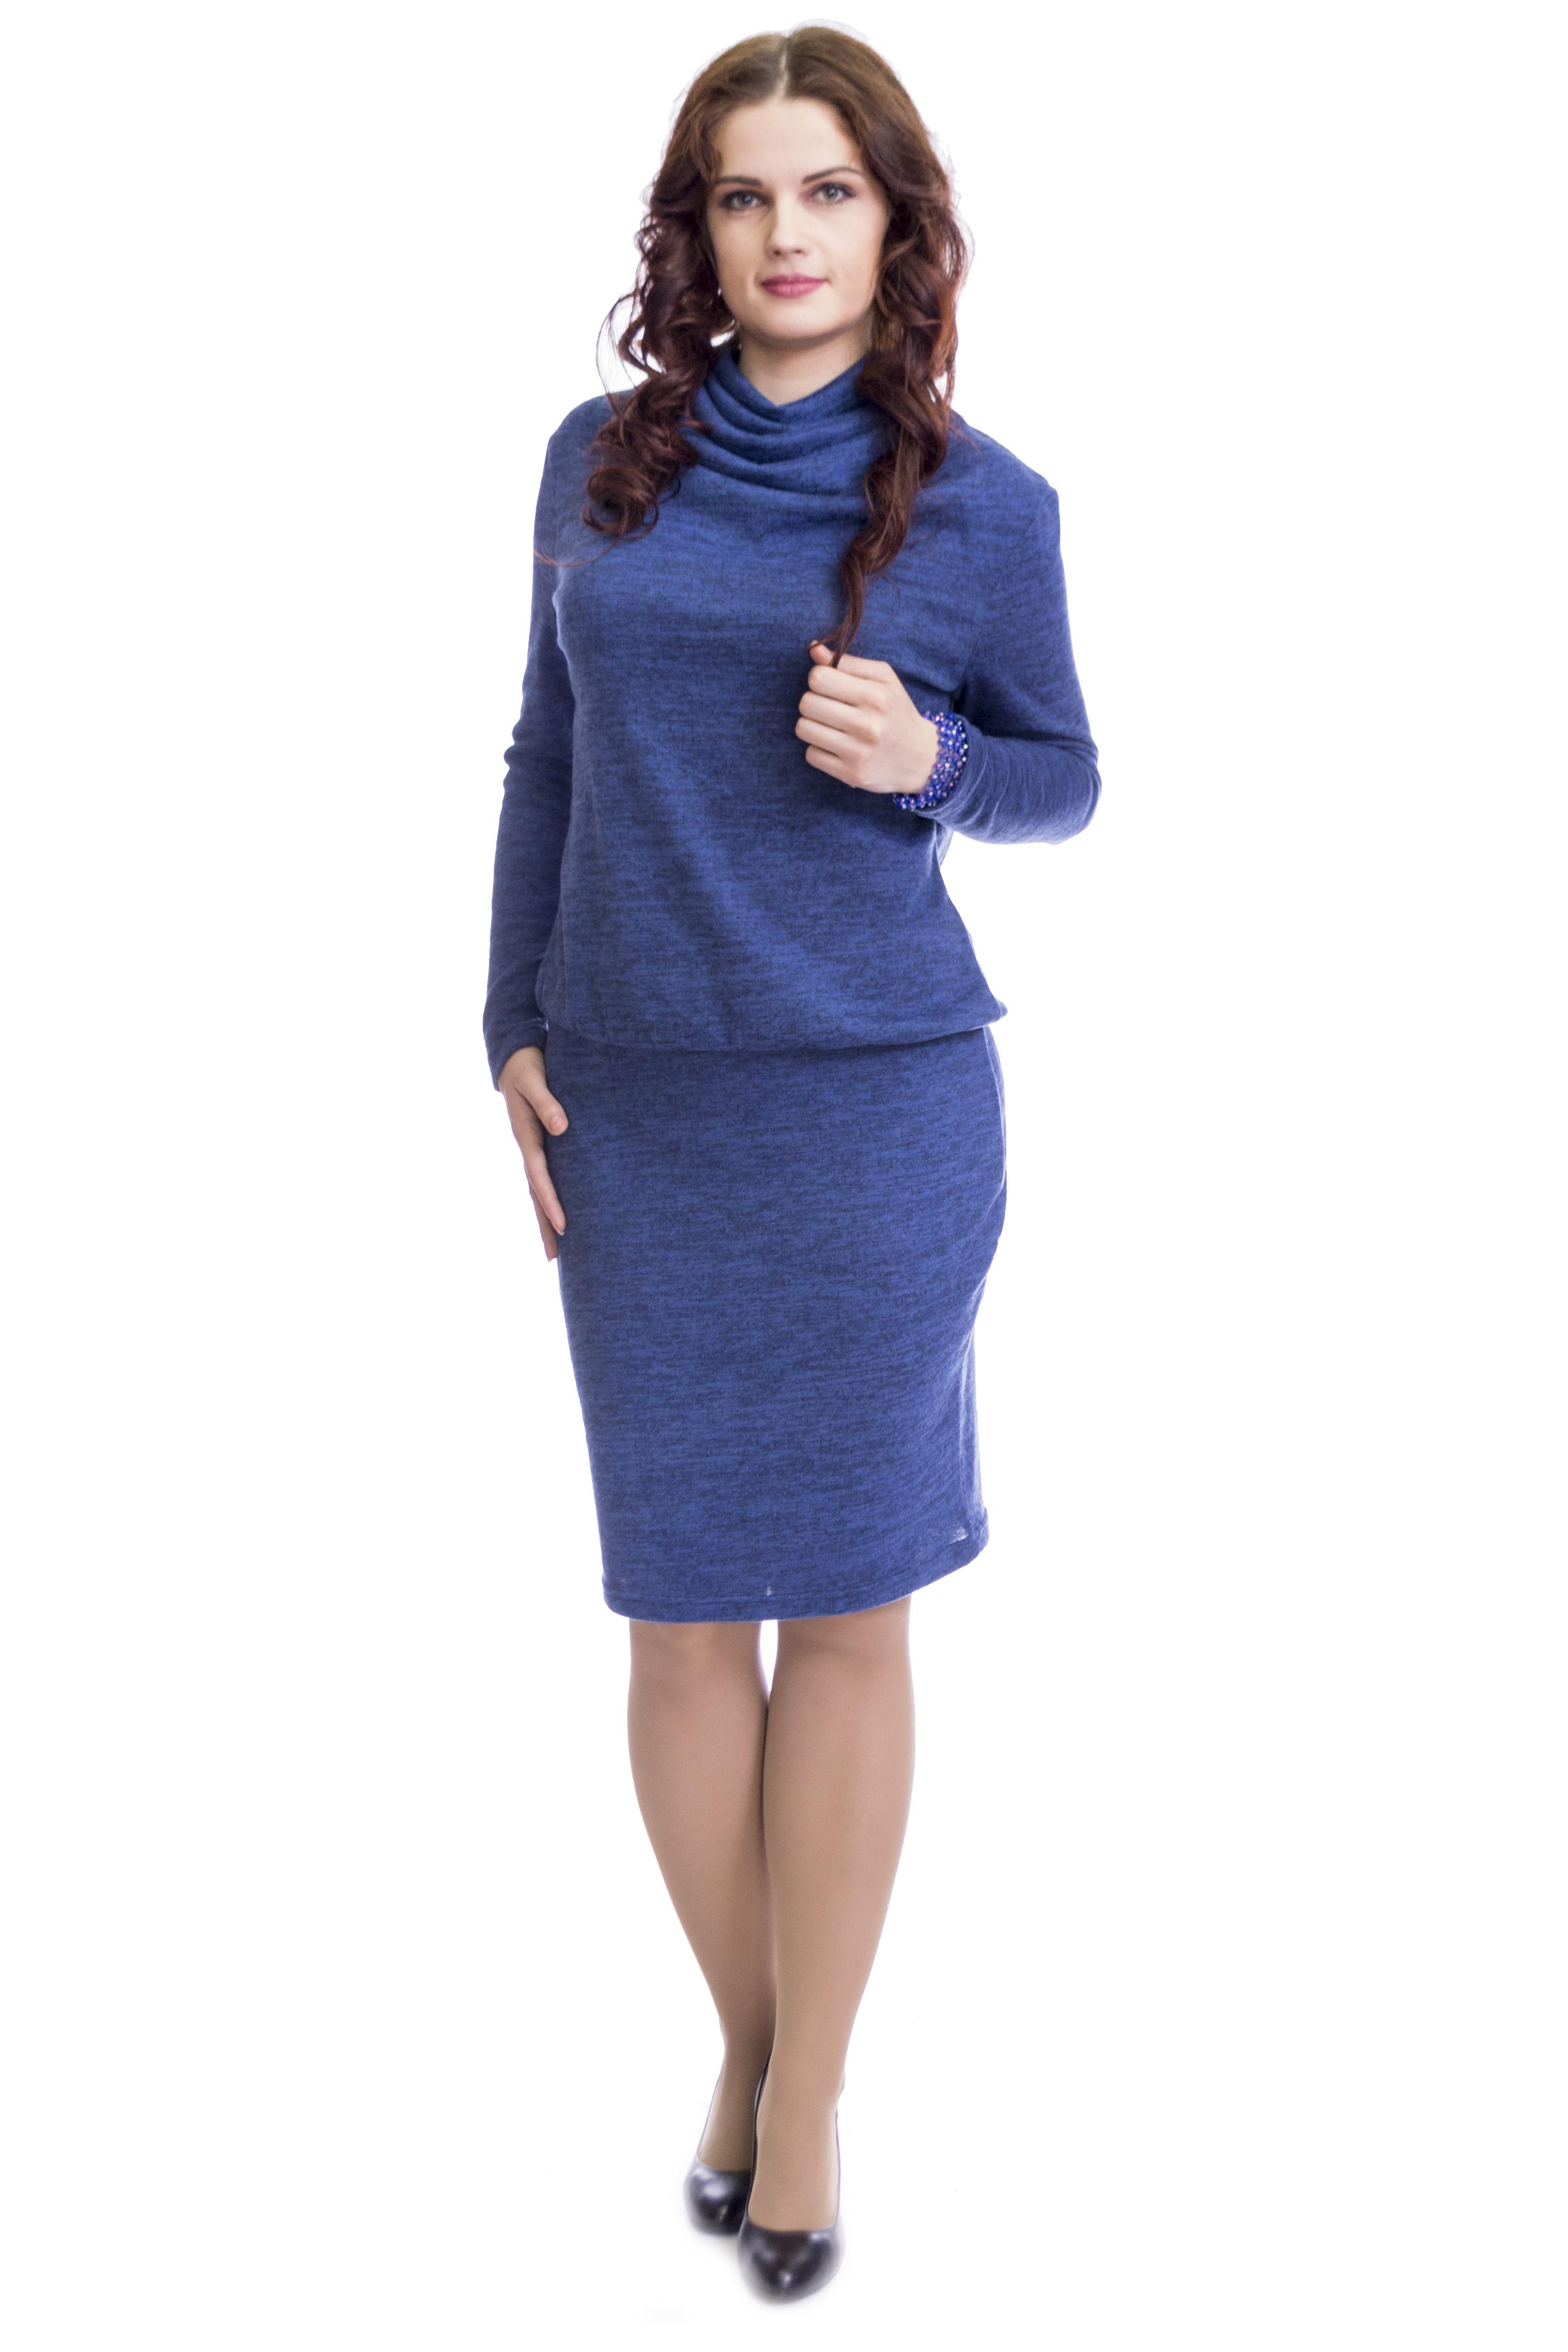 ПлатьеПлатья<br>Уютный и теплый трикотаж этой модели мягко драпирует фигуру. Прямая юбка, свободный верх и длинный рукав. Широкий воротник-хомут можно носить разными способами - полностью закрыть шею или уложить мягкими складками. Модели платья с широким верхом в области плеч и узким по бедрам низом идут всем. Ткань - мягкий трикотаж, характеризующийся эластичностью и растяжимостью.  Ростовка изделия 170 см.  Длина изделия 100-105 см. в зависимости от размера.  Цвет: синий  Рост девушки-фотомодели 170 см.  Параметры размеров (обхват груди; обхват талии, обхват бедер): 46 размер - 92; 74; 100 см 48 размер - 96; 78; 104 см 50 размер - 100; 82; 108 см 52 размер - 104; 86; 112 см 54 размер - 108; 90; 116 см 56 размер - 112; 94; 120 см 58 размер - 116; 98; 124 см 60 размер - 120; 102; 128 см<br><br>Воротник: Хомут<br>По длине: До колена<br>По материалу: Трикотаж,Шерсть<br>По образу: Город,Офис,Свидание<br>По рисунку: Однотонные<br>По сезону: Зима,Осень,Весна<br>По силуэту: Полуприталенные<br>По стилю: Офисный стиль,Повседневный стиль<br>По форме: Платье - футляр<br>Рукав: Длинный рукав<br>Размер : 44,46,48,50,52,54<br>Материал: Трикотаж<br>Количество в наличии: 1